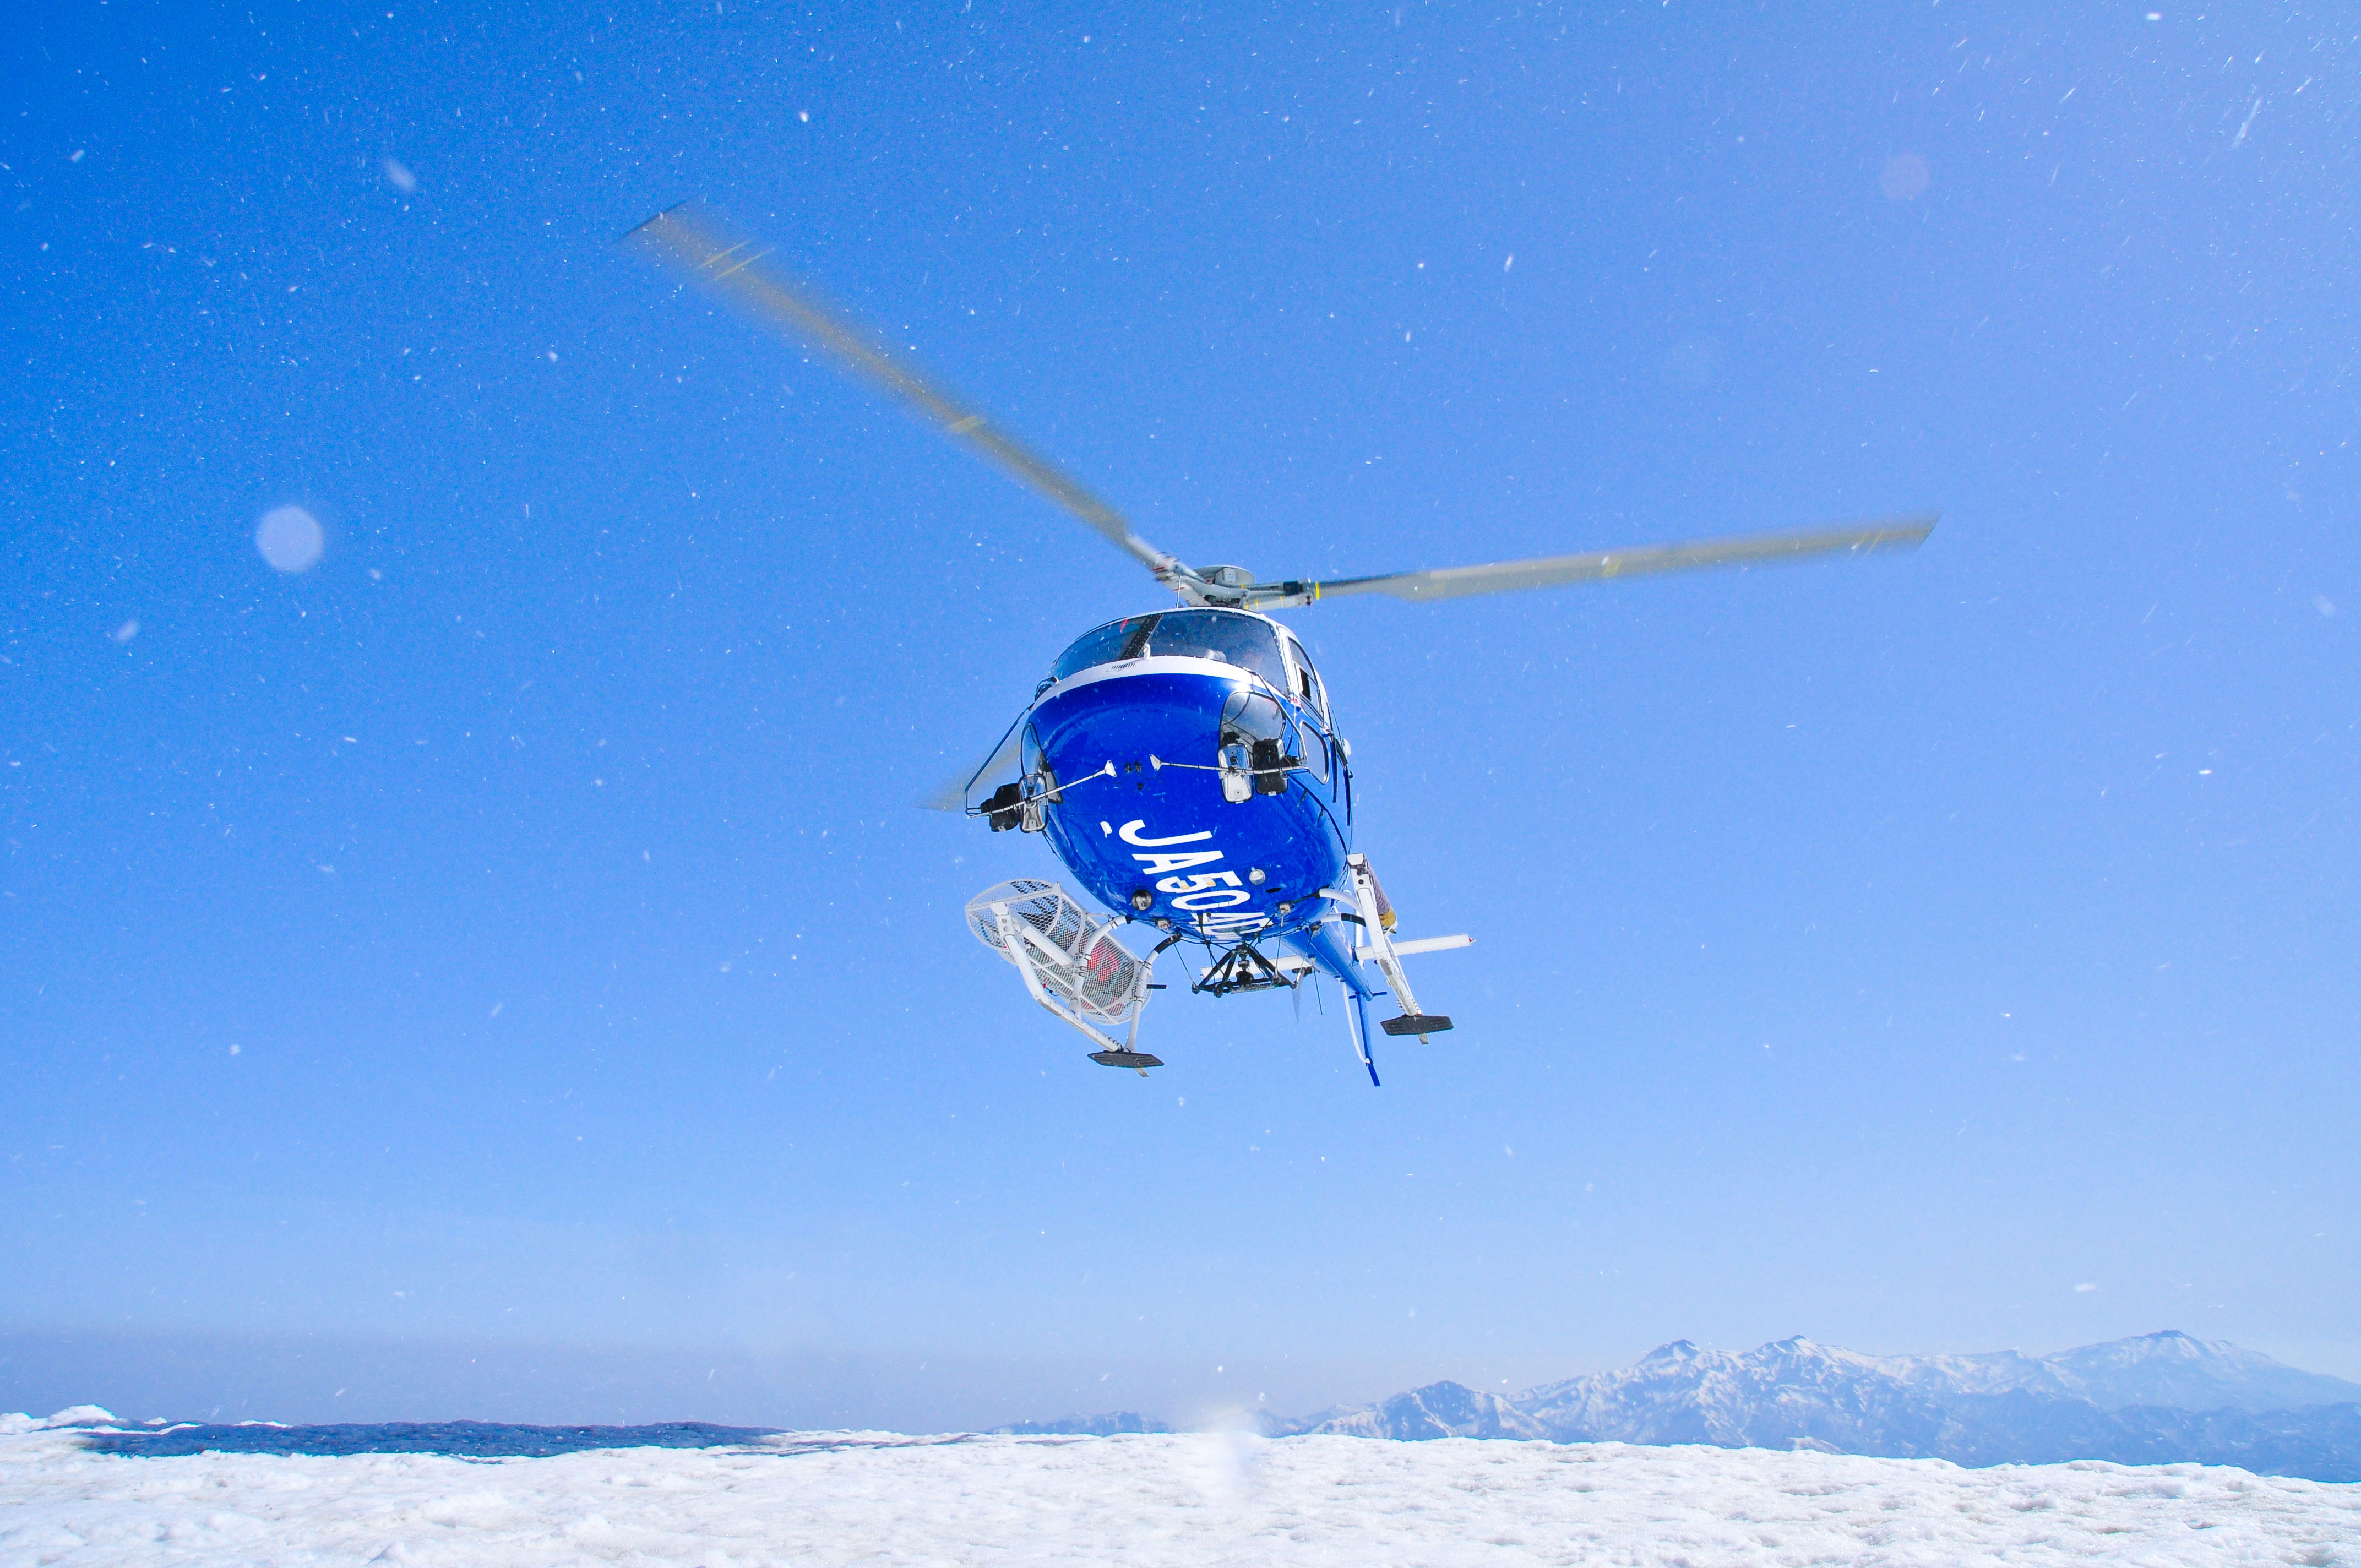 標高2,200mまでヘリで一気に上がるとそこには絶景が待っている!!